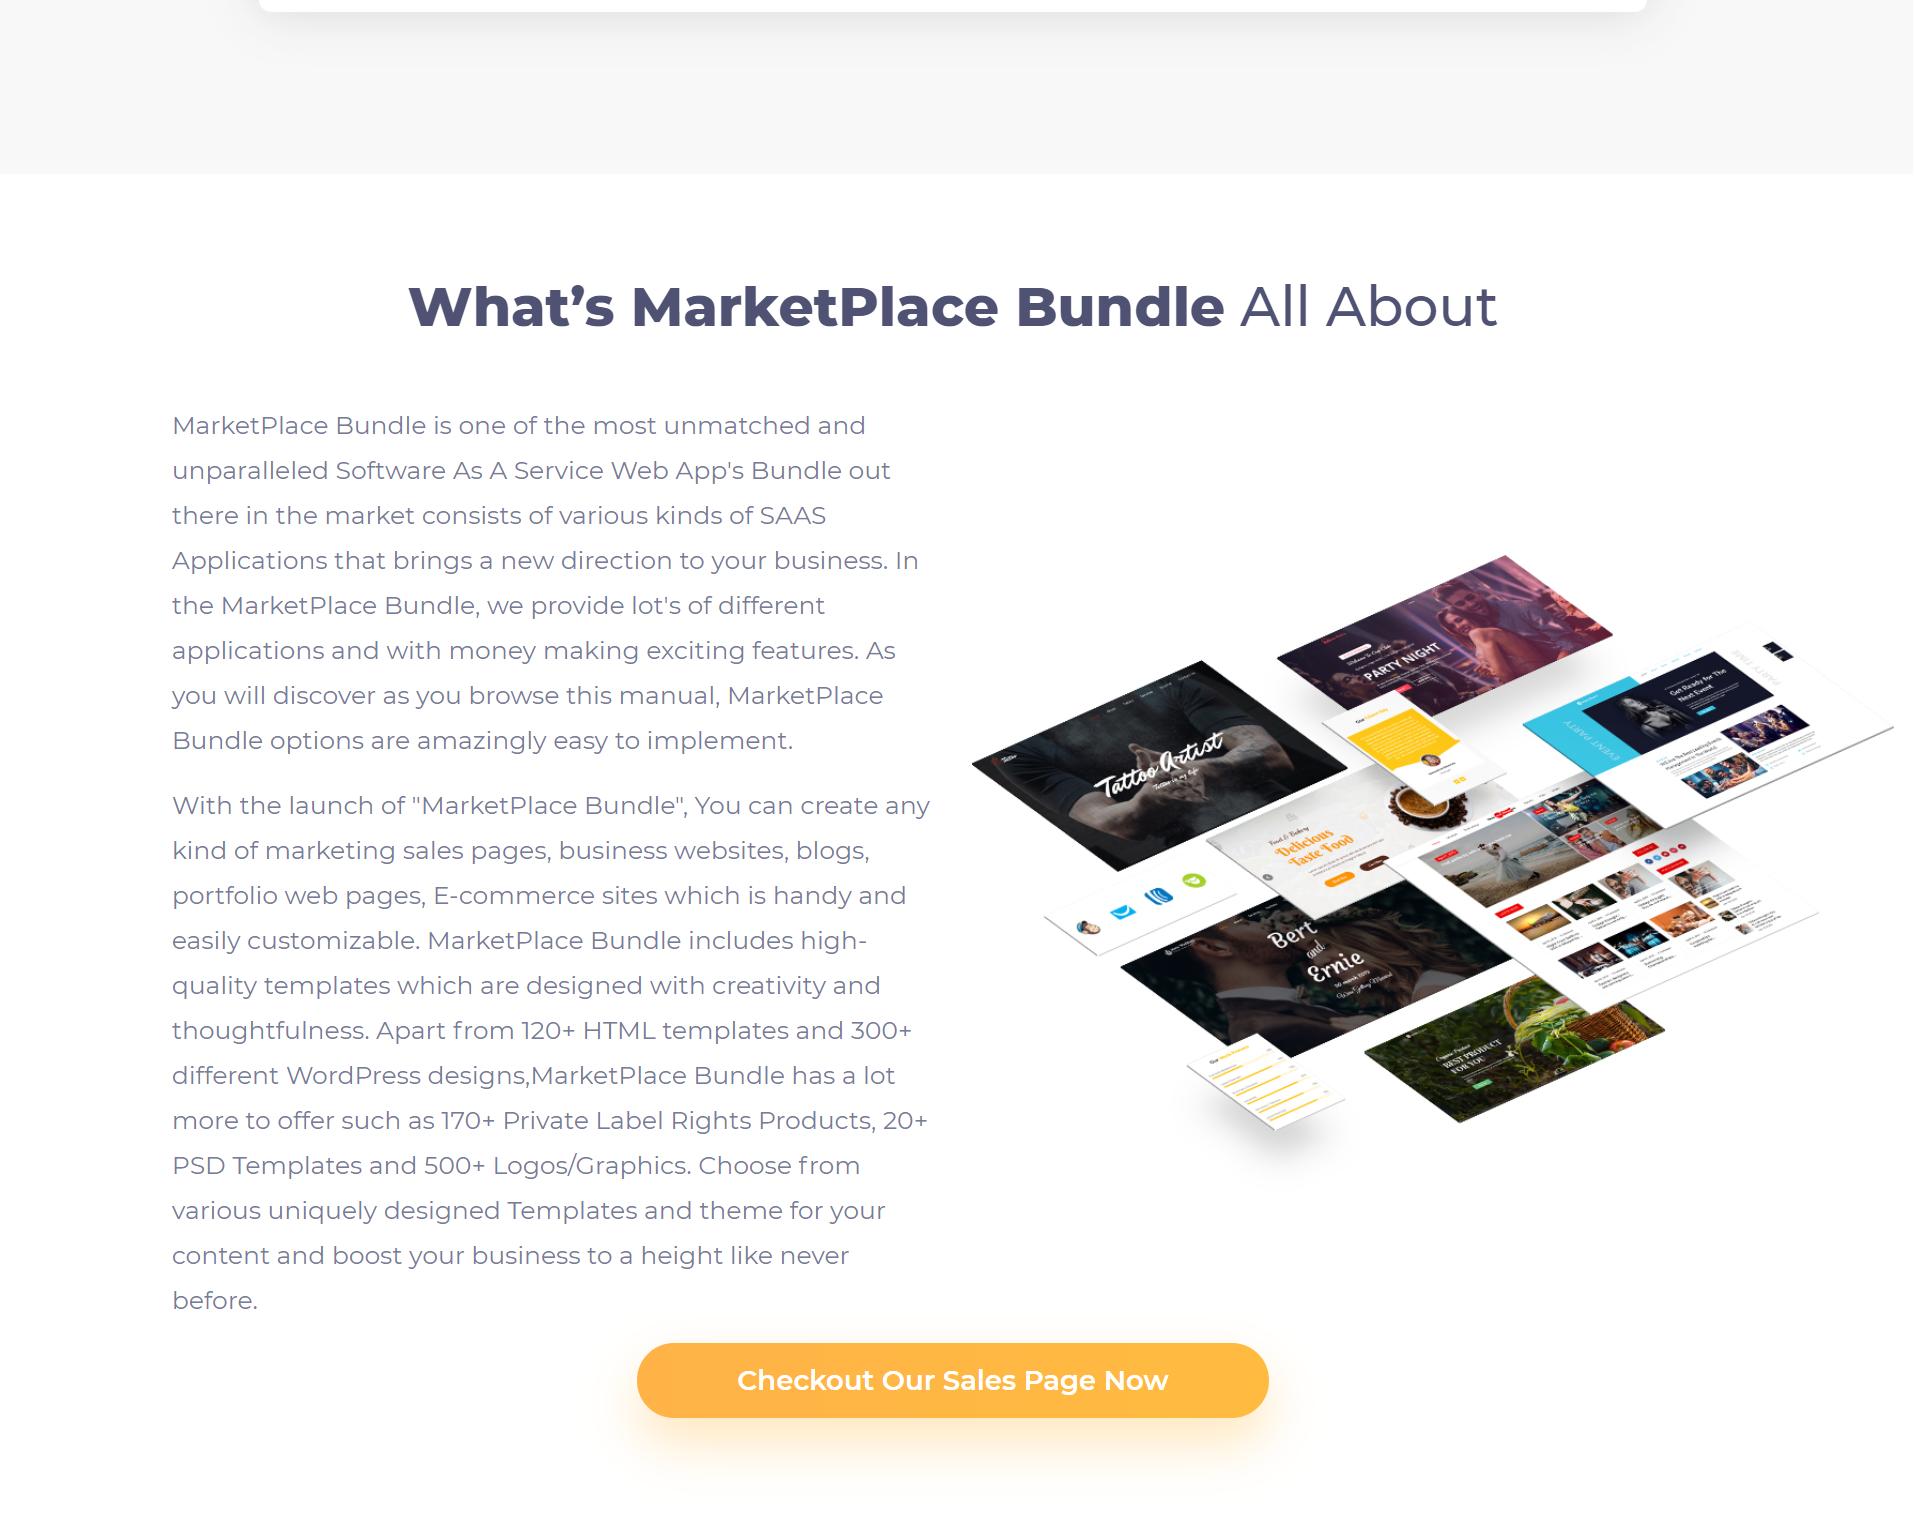 Marketplace Bundle Review